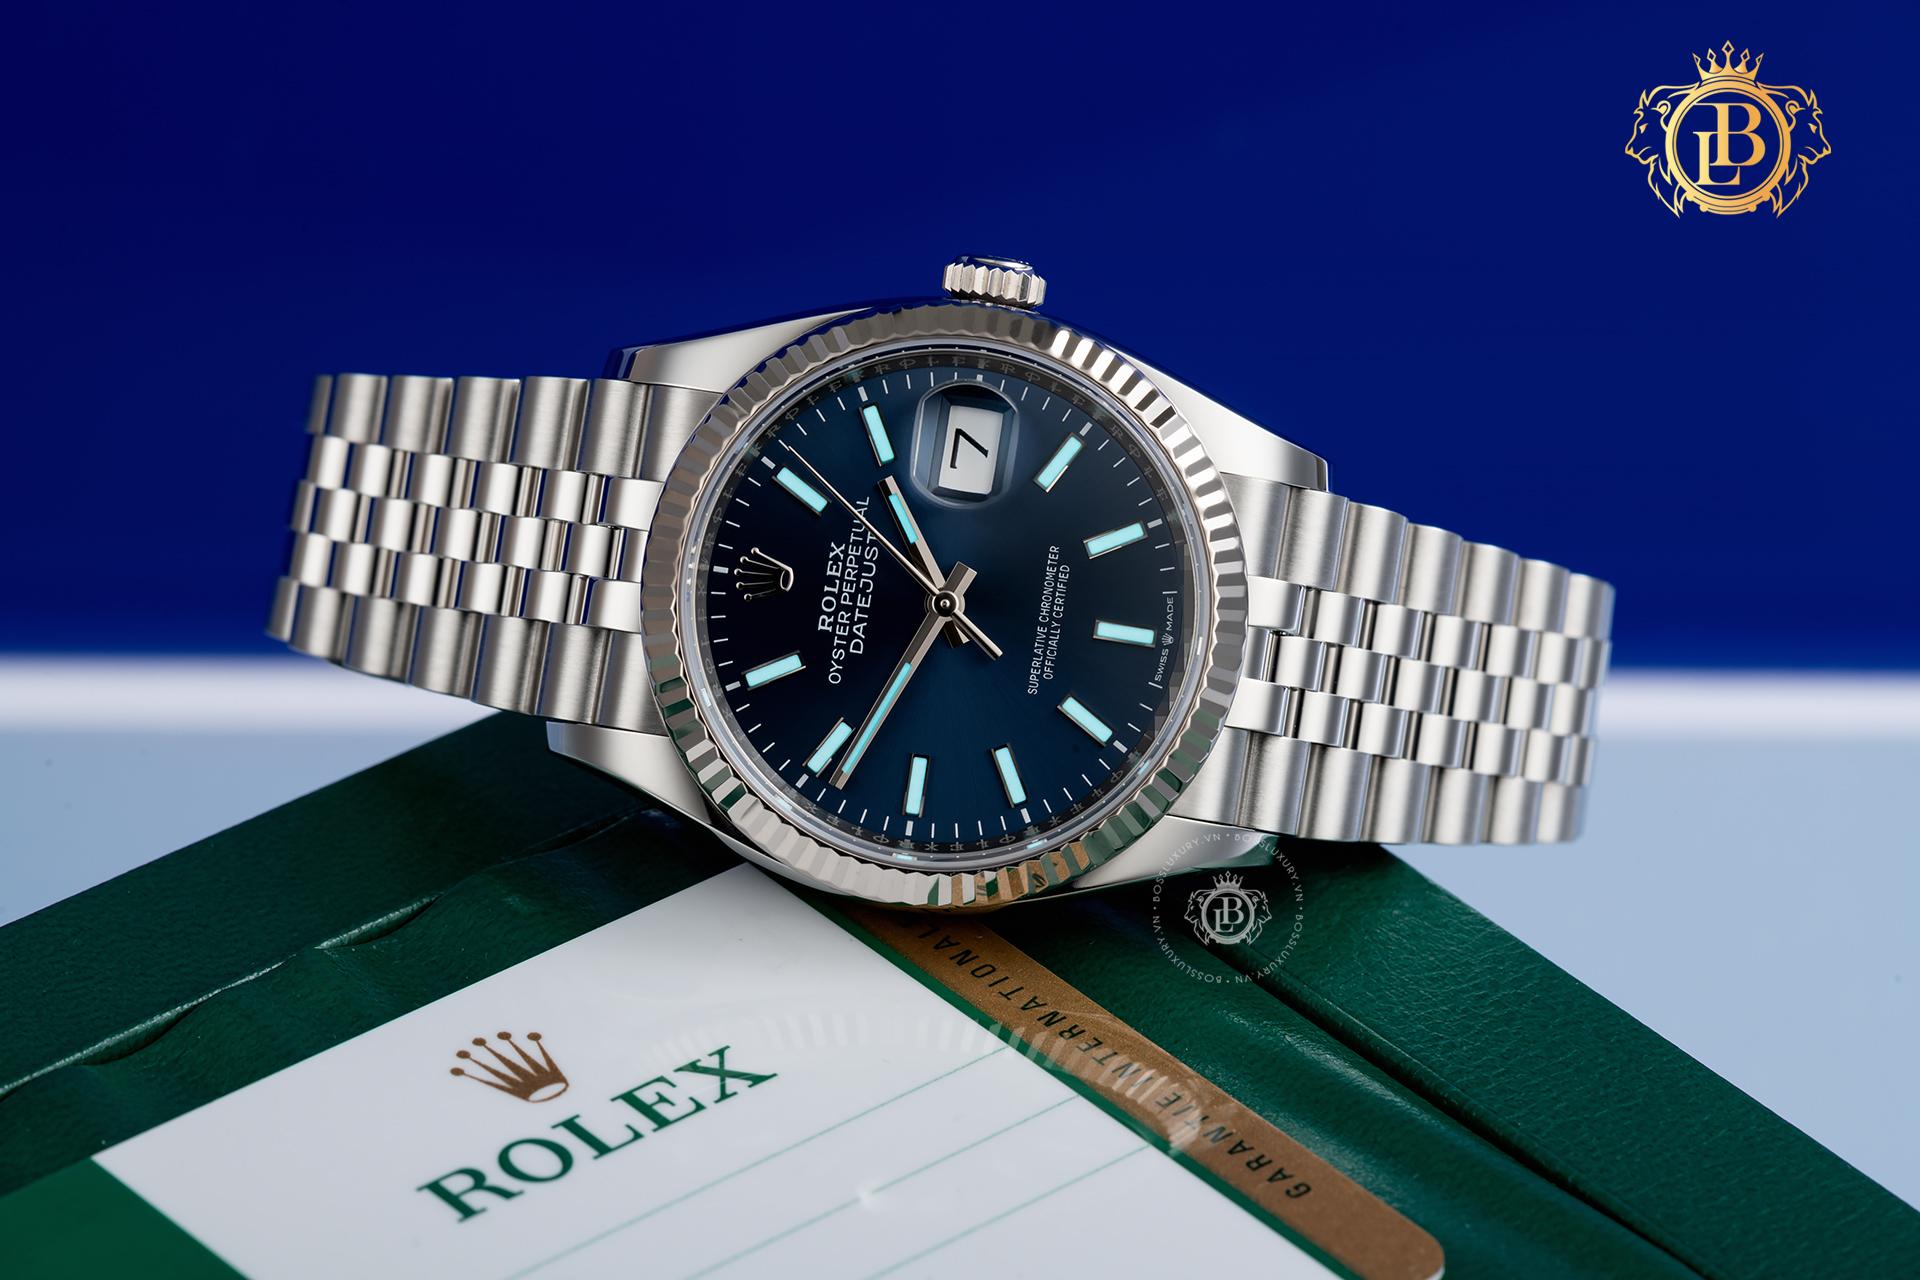 Hướng dẫn 5 cách nhận biết đồng hồ Rolex chính hãng tại nhà